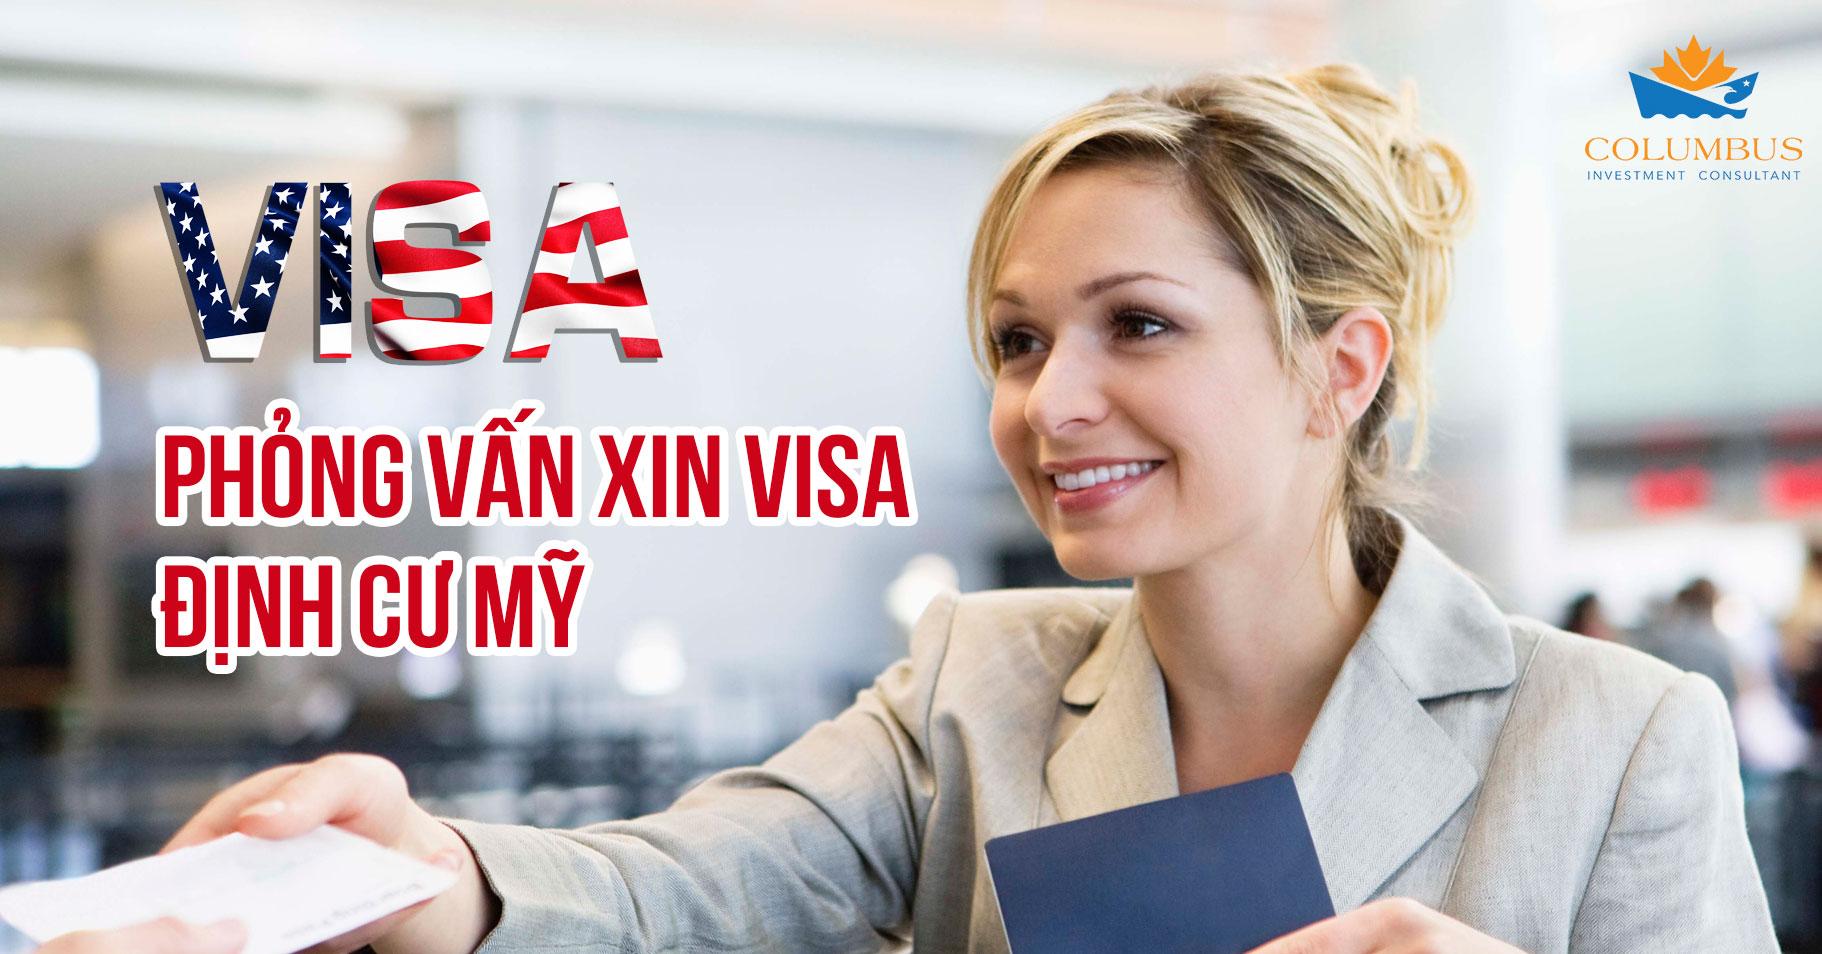 Kinh nghiệm phỏng vấn xin visa định cư mỹ